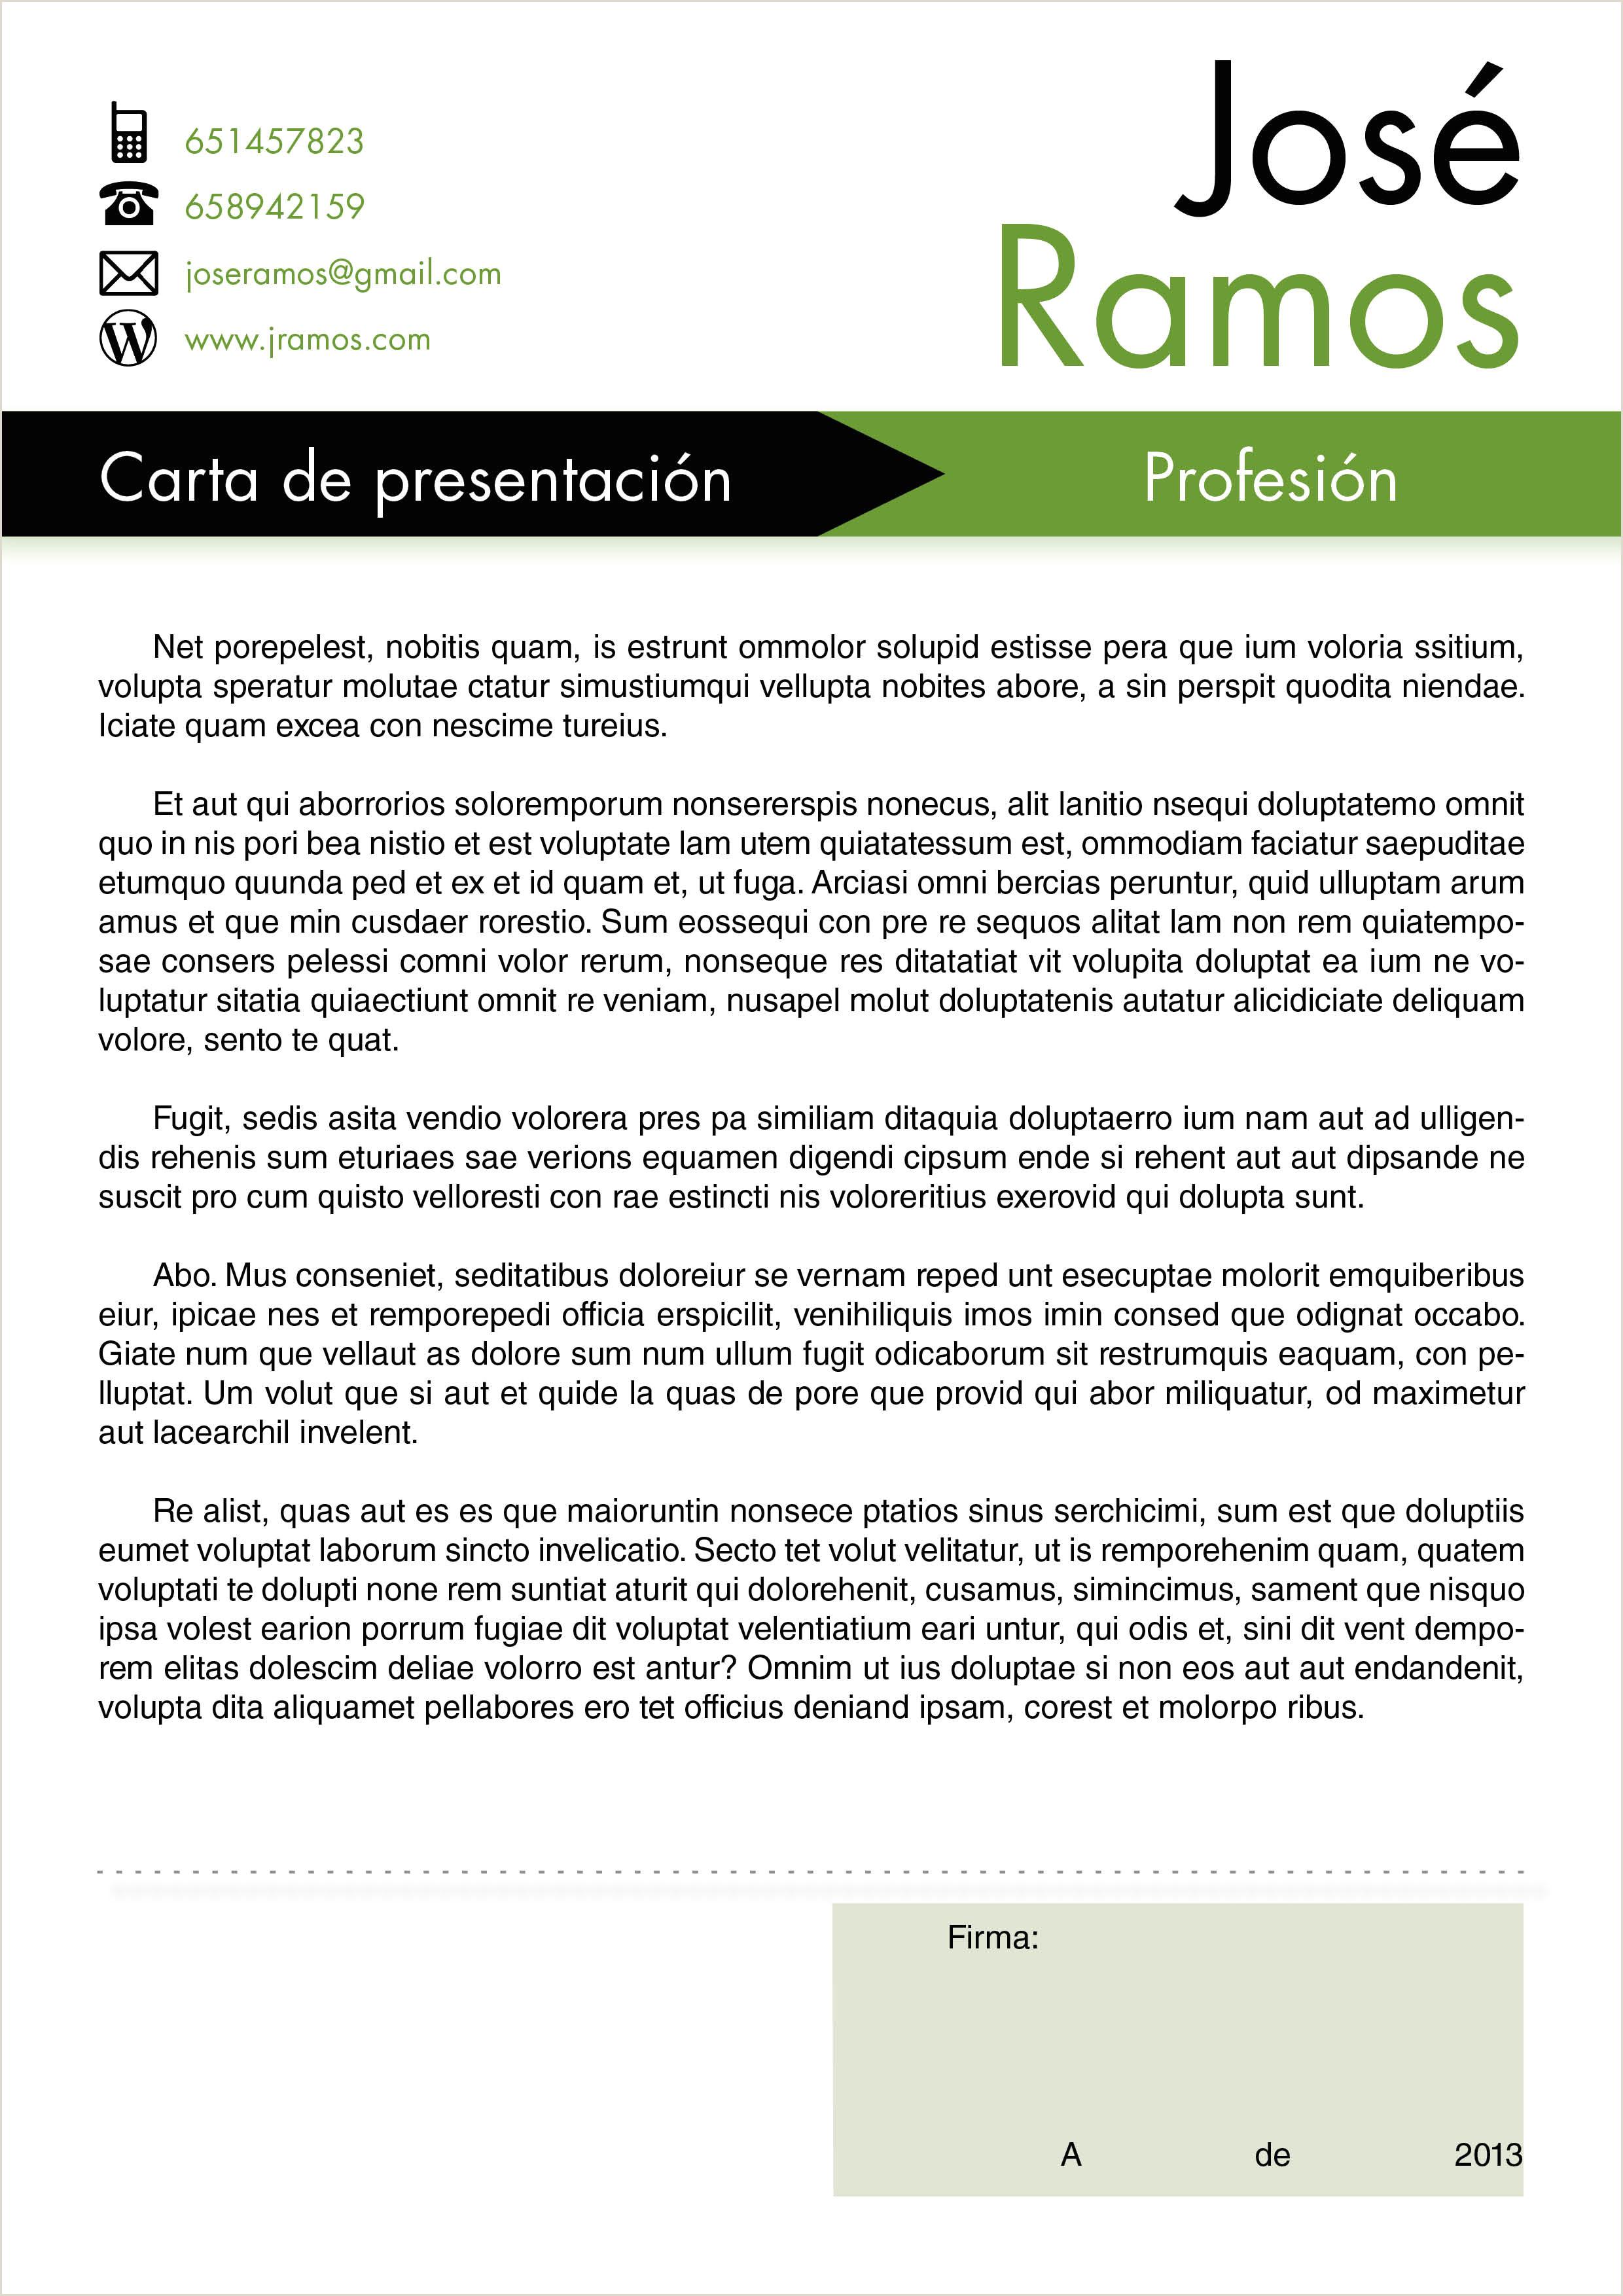 Modelos De Curriculum Vitae Para Completar Y Descargar Modelos Curriculum Vitae Ejemplos Word Custom Writing Online